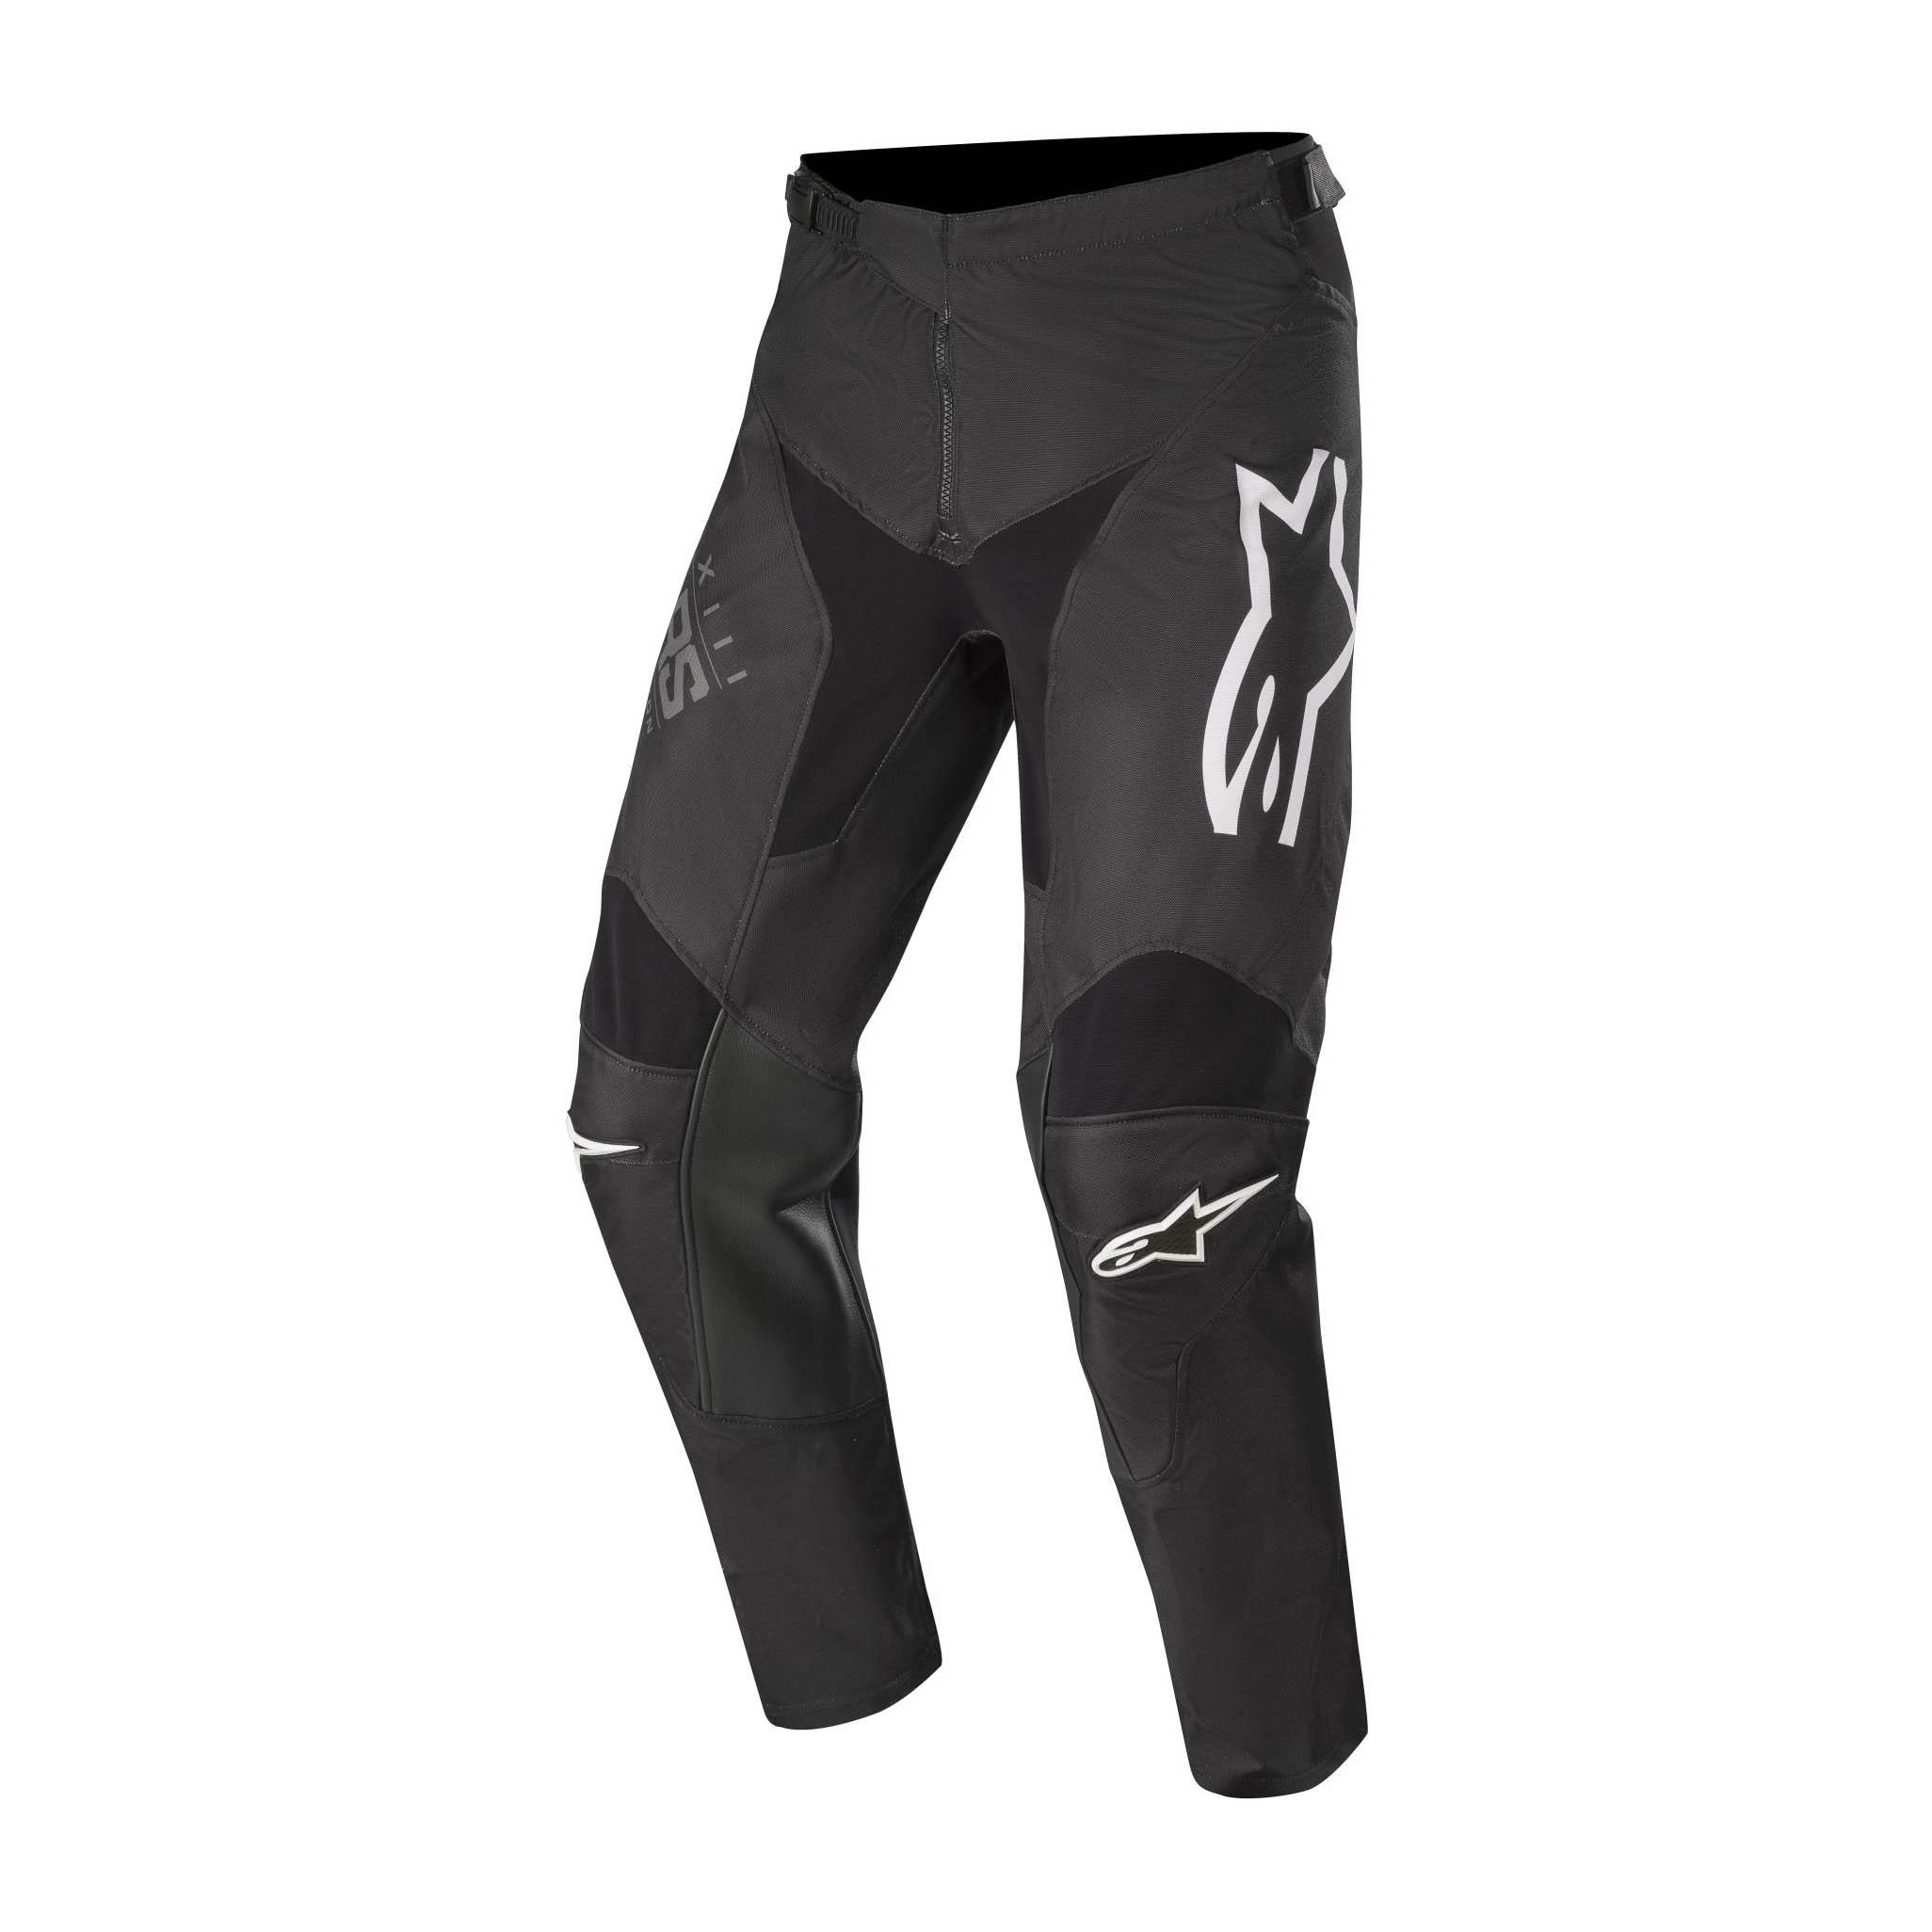 Vielzahl von Designs und Farben Sonderrabatt von klar in Sicht Alpinestars 2020 MX Hose Racer Graphite, schwarz